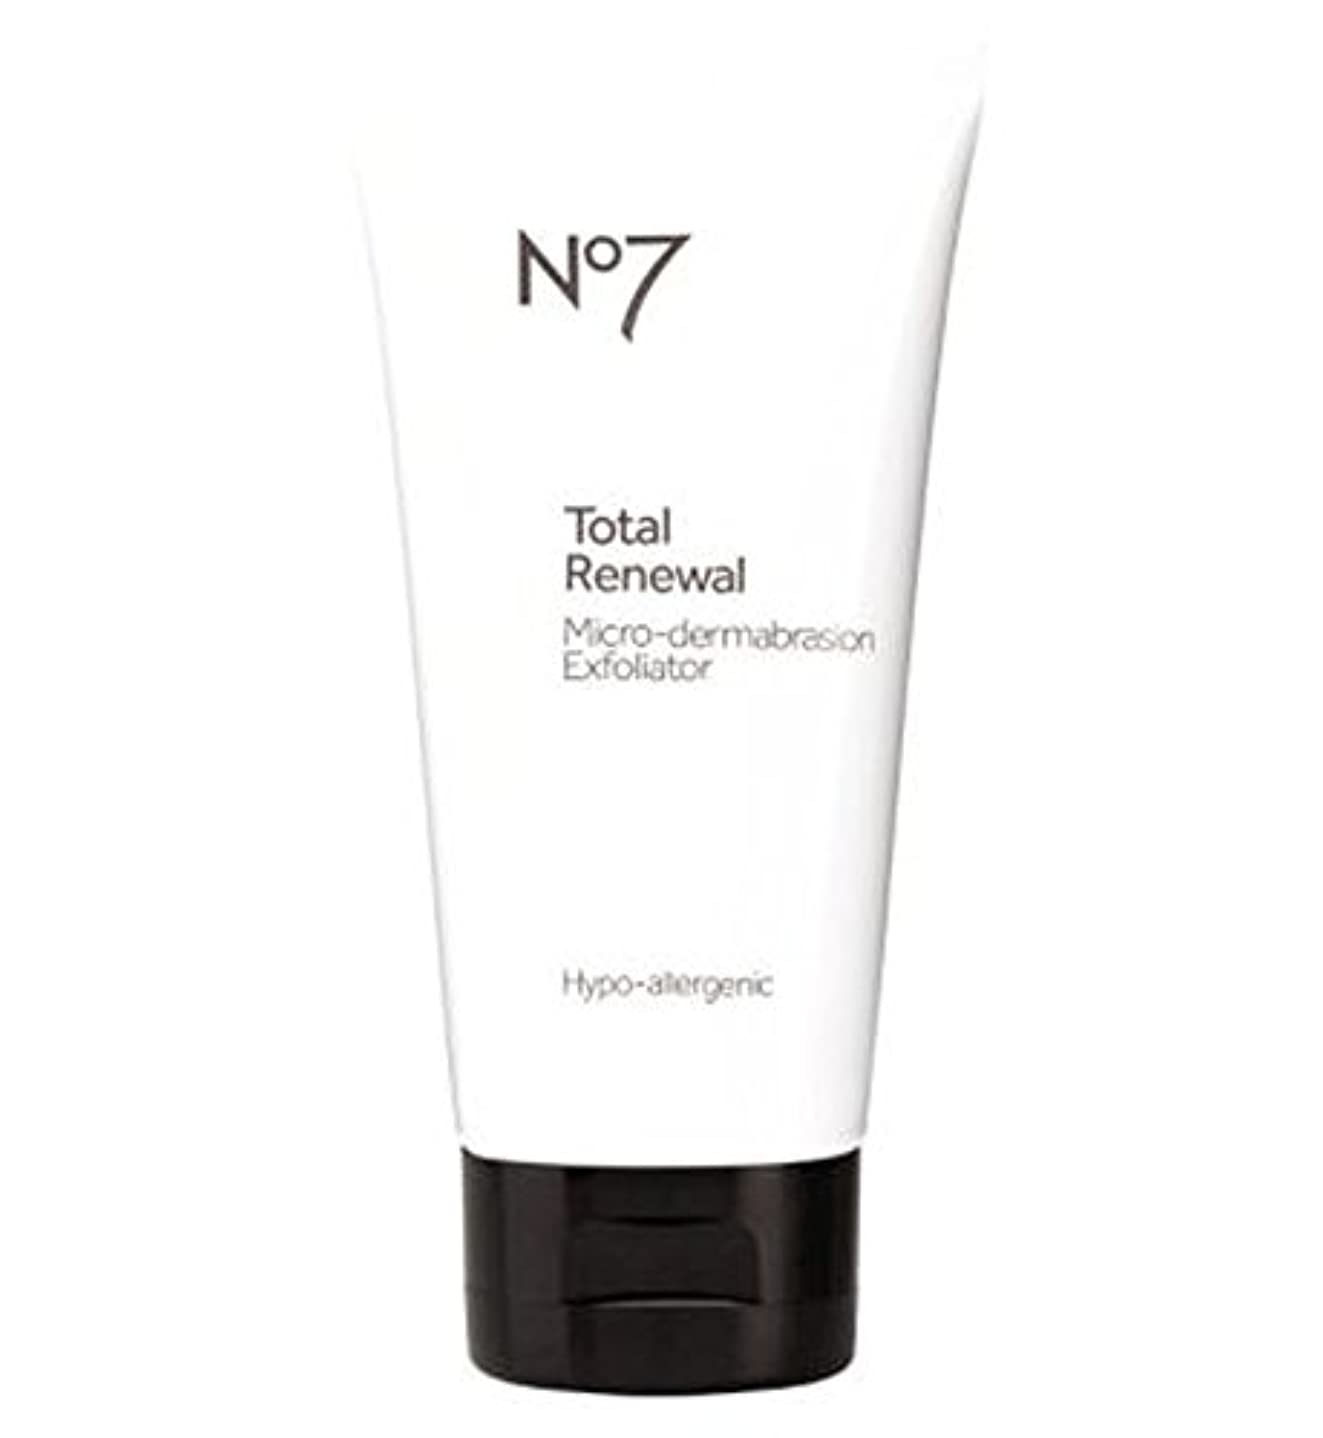 はちみつバーベキュー偶然No7 Total Renewal Micro-dermabrasion Face Exfoliator - No7総リニューアルマイクロ皮膚剥離面エクスフォリエーター (No7) [並行輸入品]